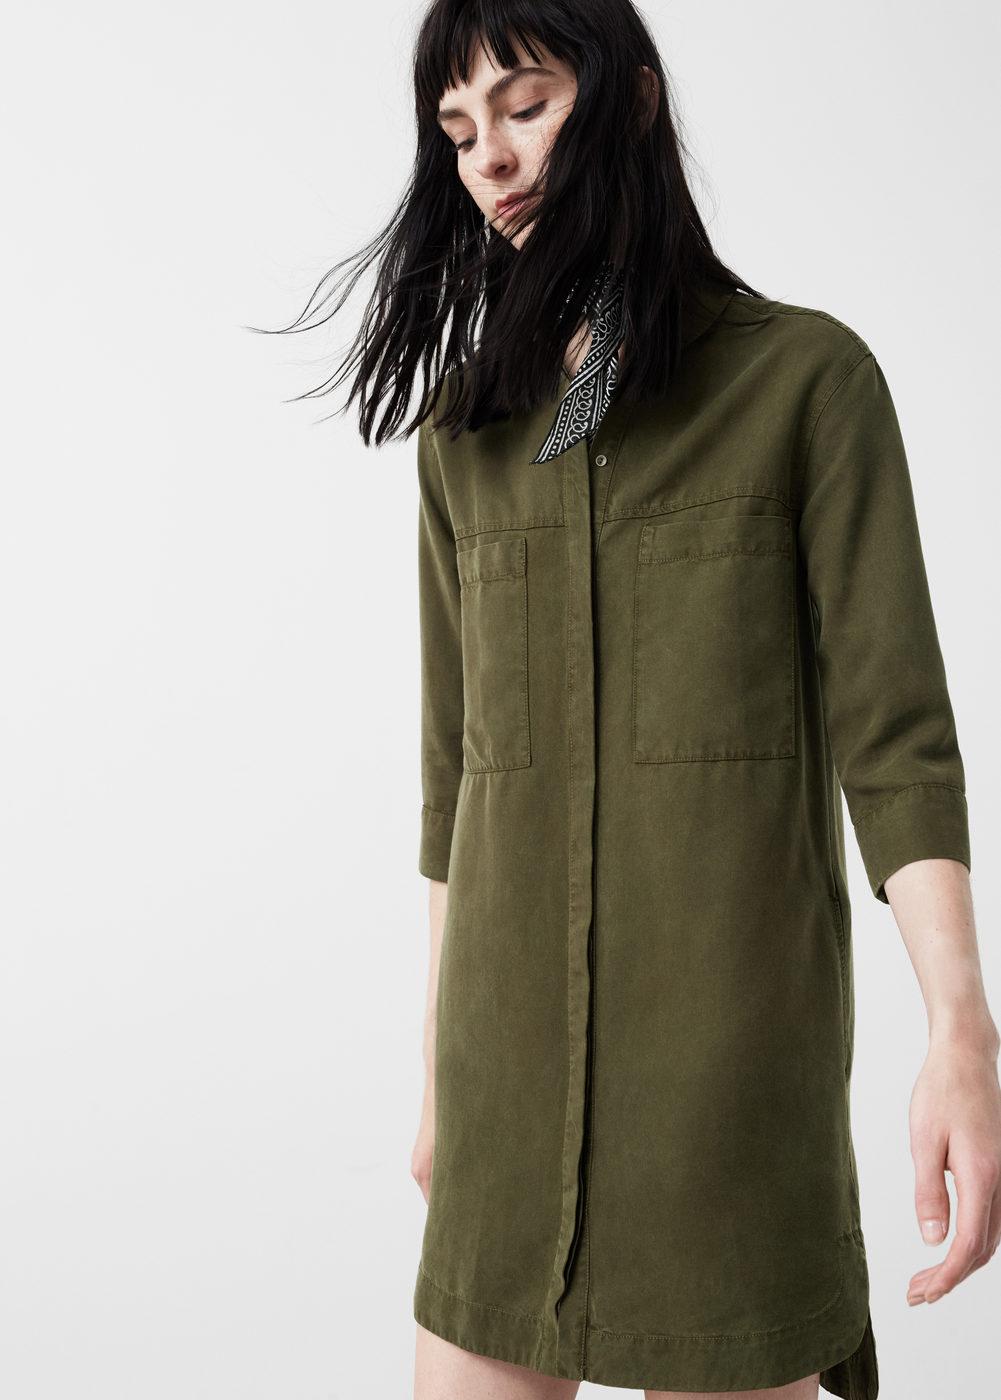 Yumuşak kumaştan asker yeşili gömlek elbise modelleri